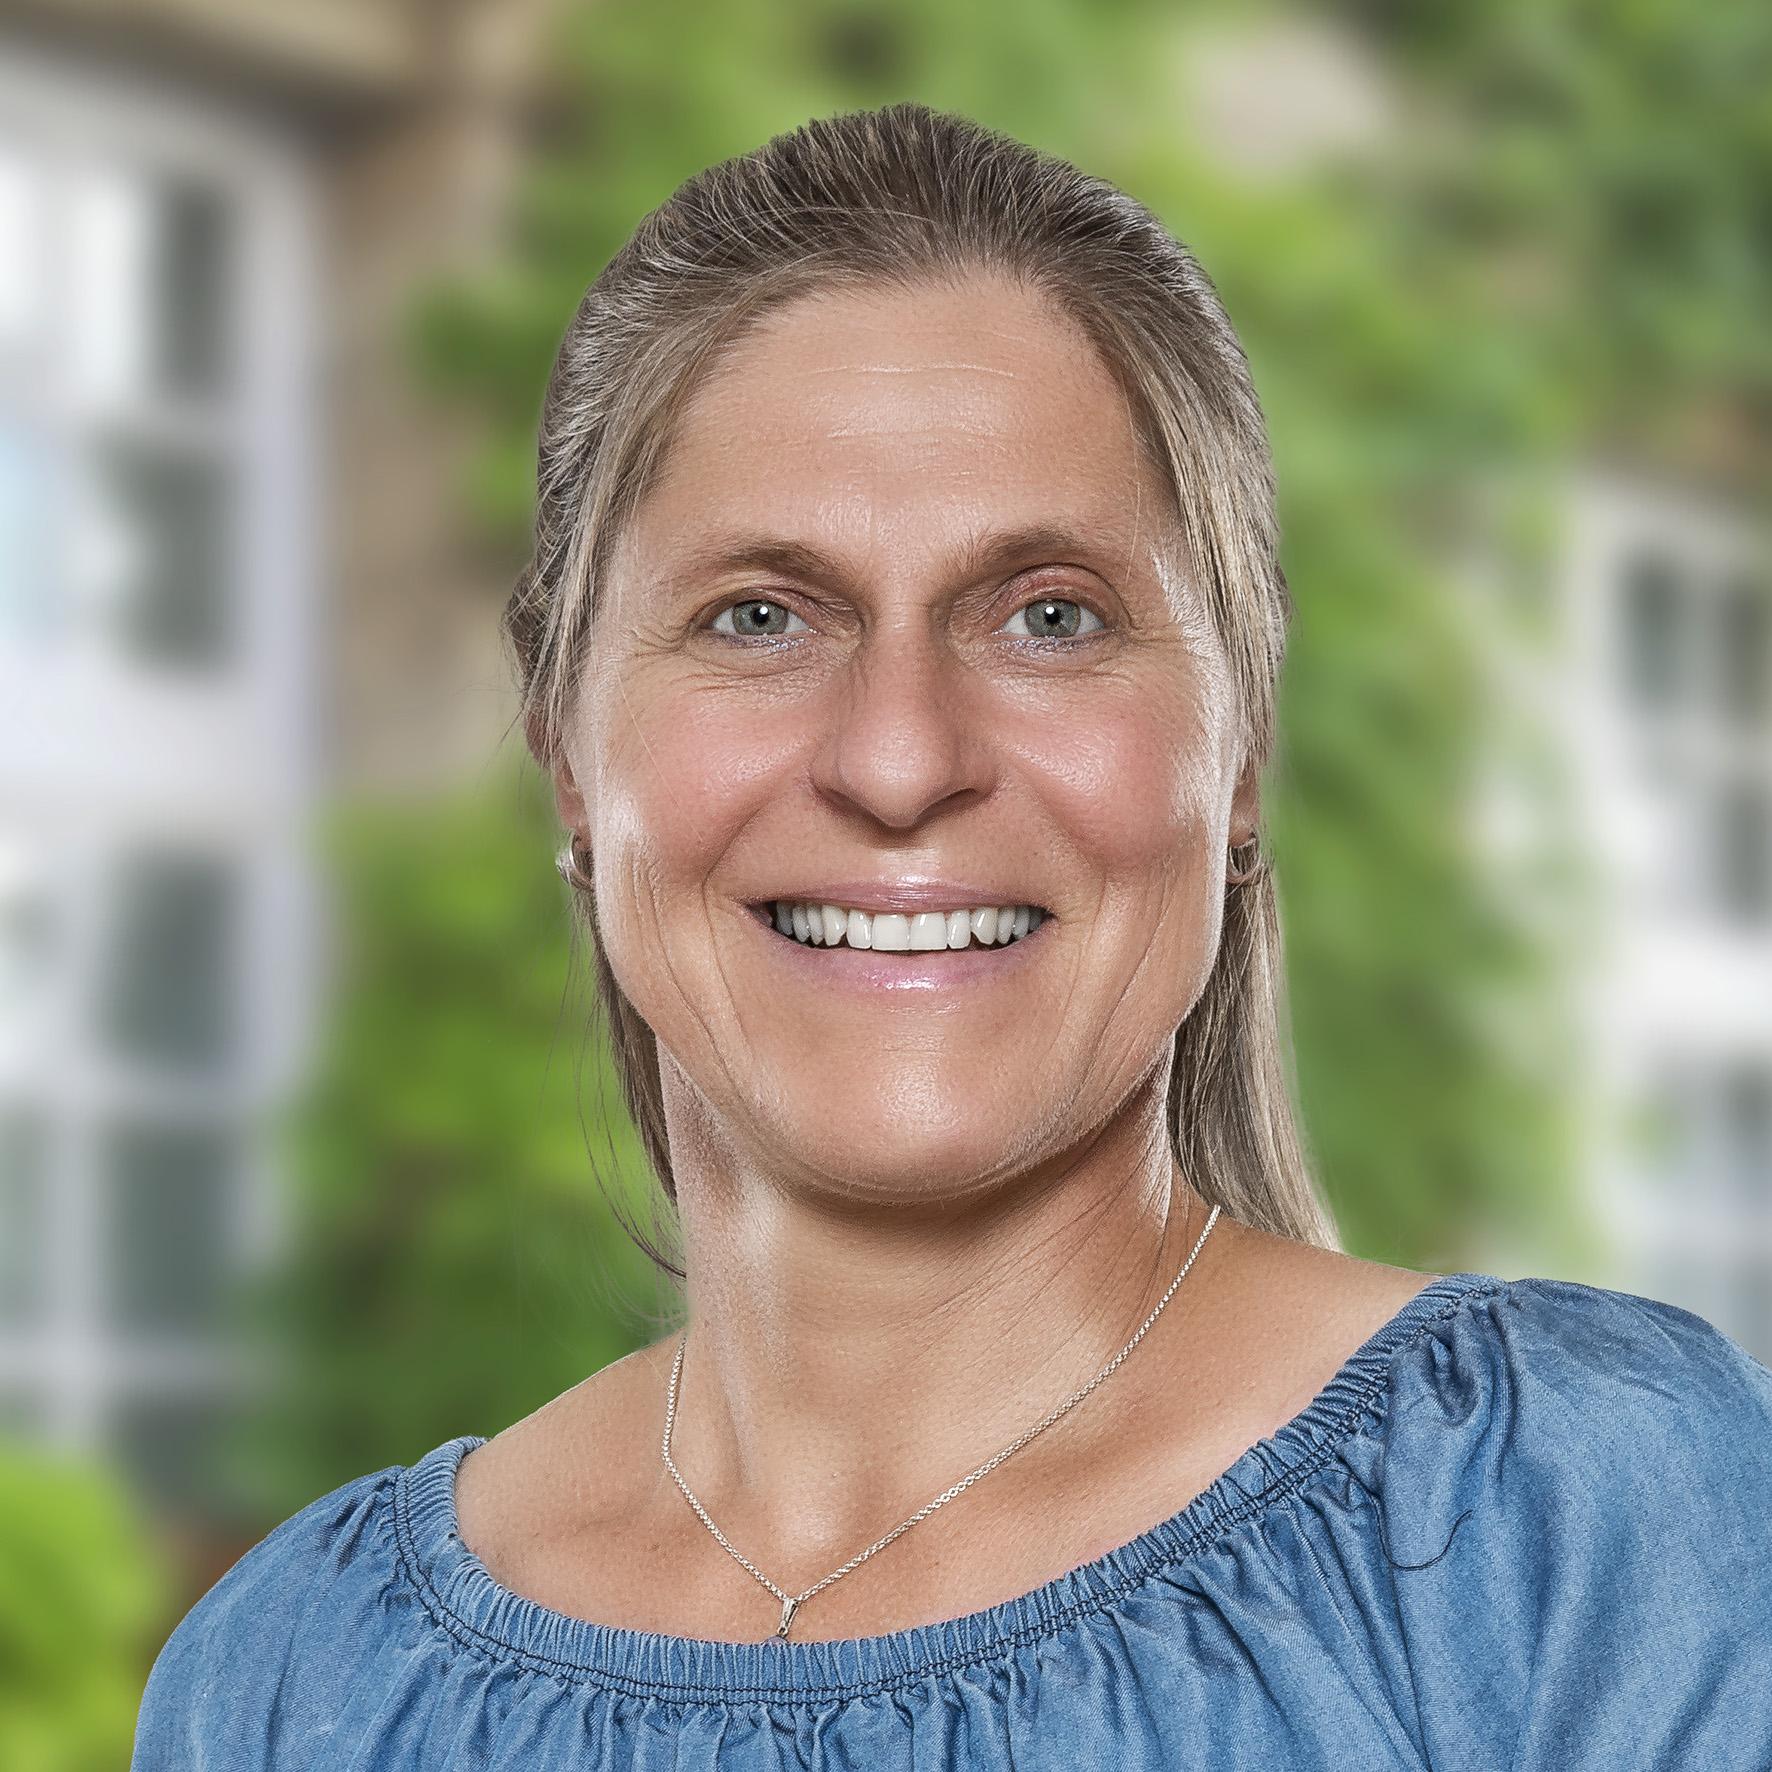 Stefanie Herold